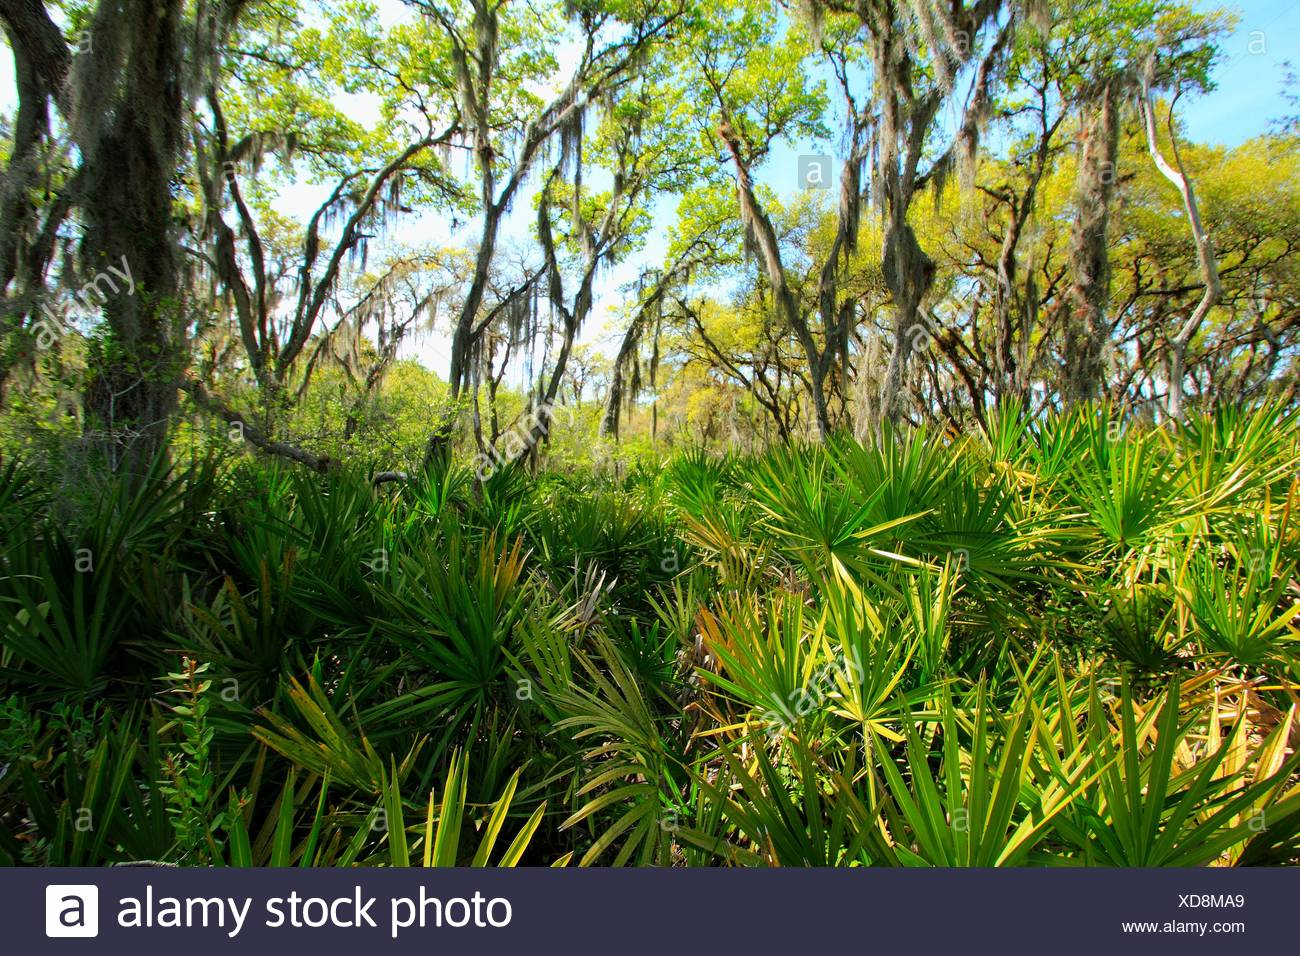 Palmetto Scrub et le pin de l'écosystème. Floride, États-Unis Photo Stock